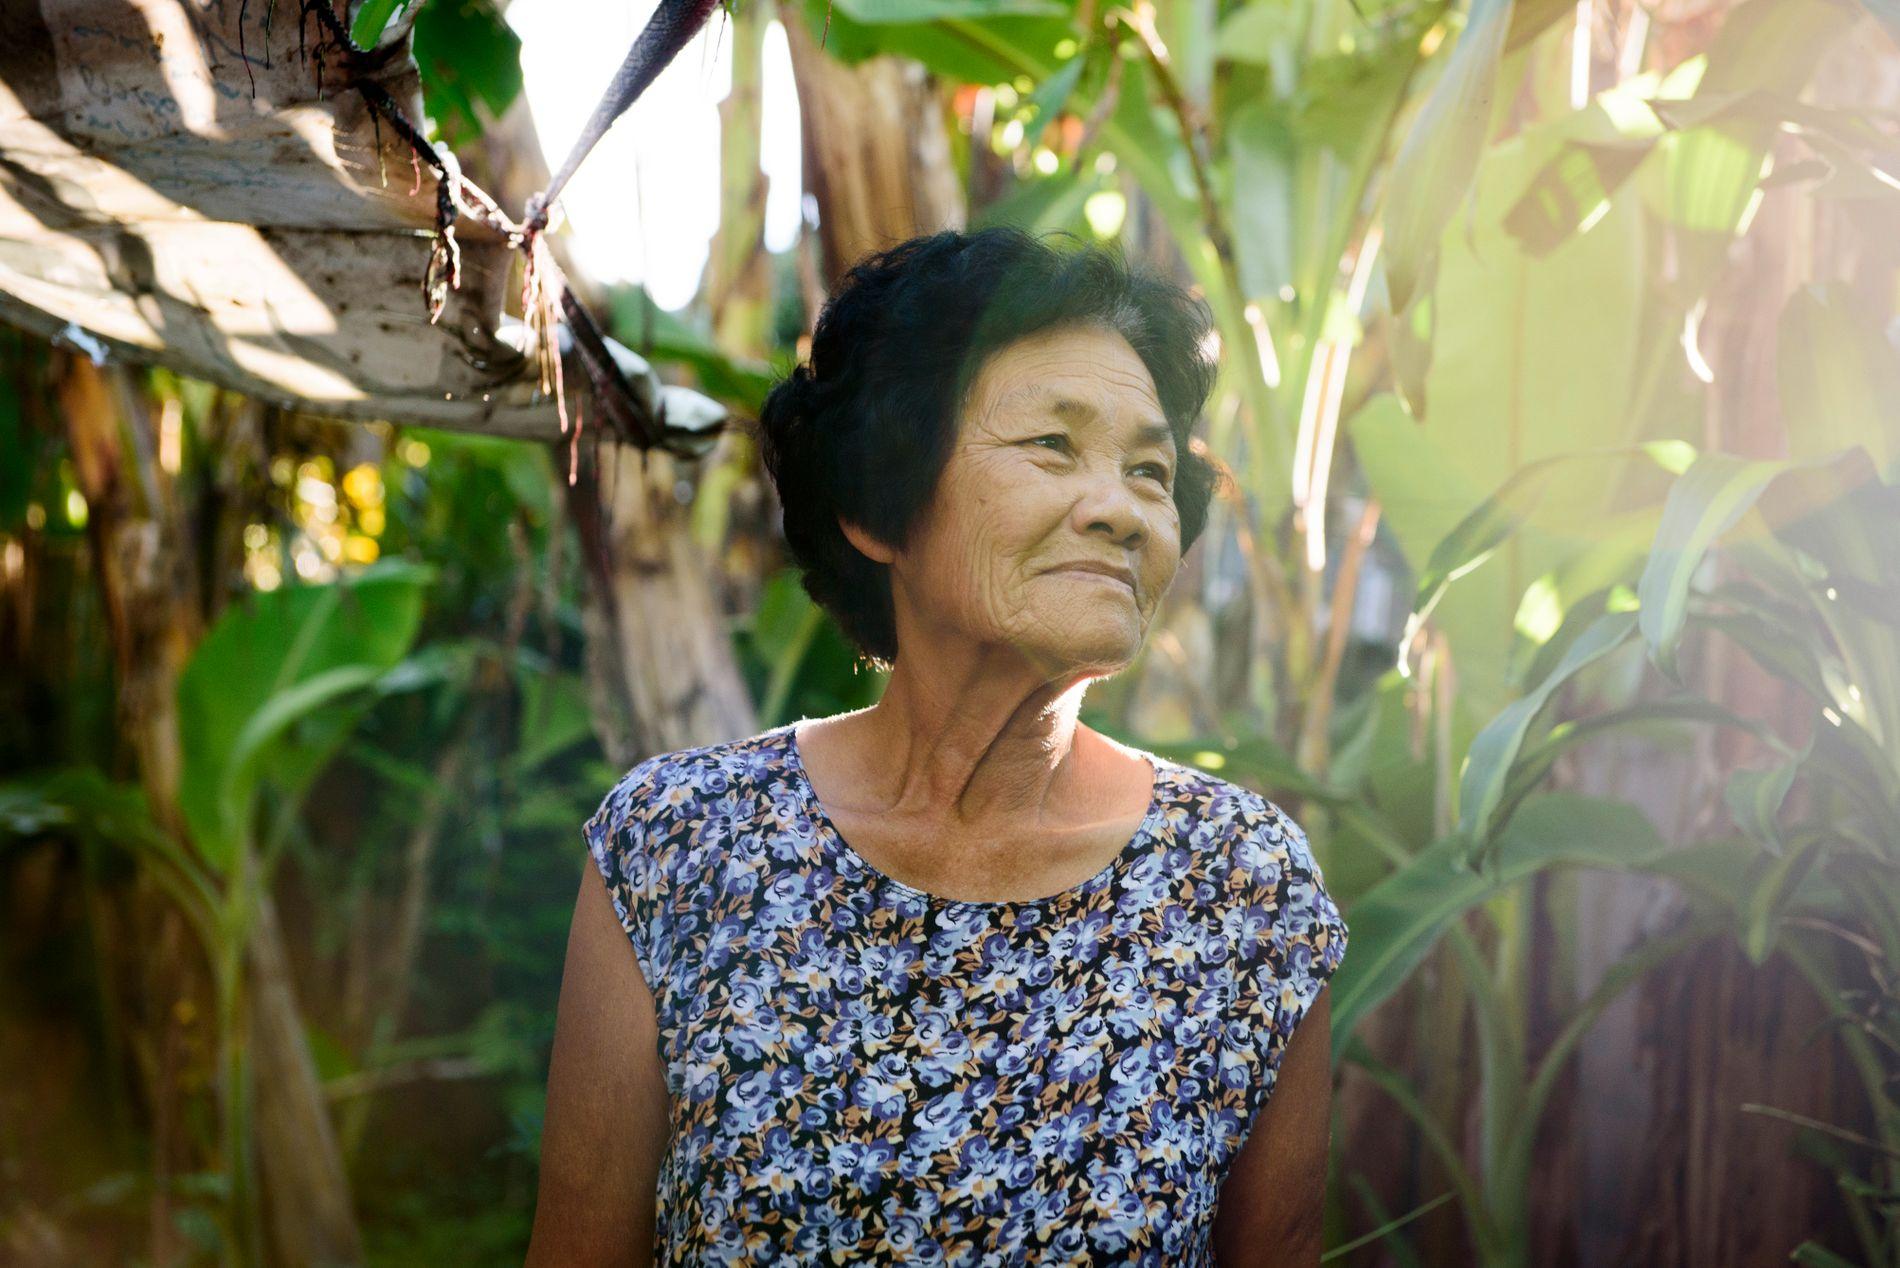 LETTET: Wankaew Takamma (68), bestemoren til Natthawut Thakamsai (14) som var blant de 12 guttene som ble fanget i grotten Tham Luang i Mae Sai i Thailand, forteller at hun er lettet.